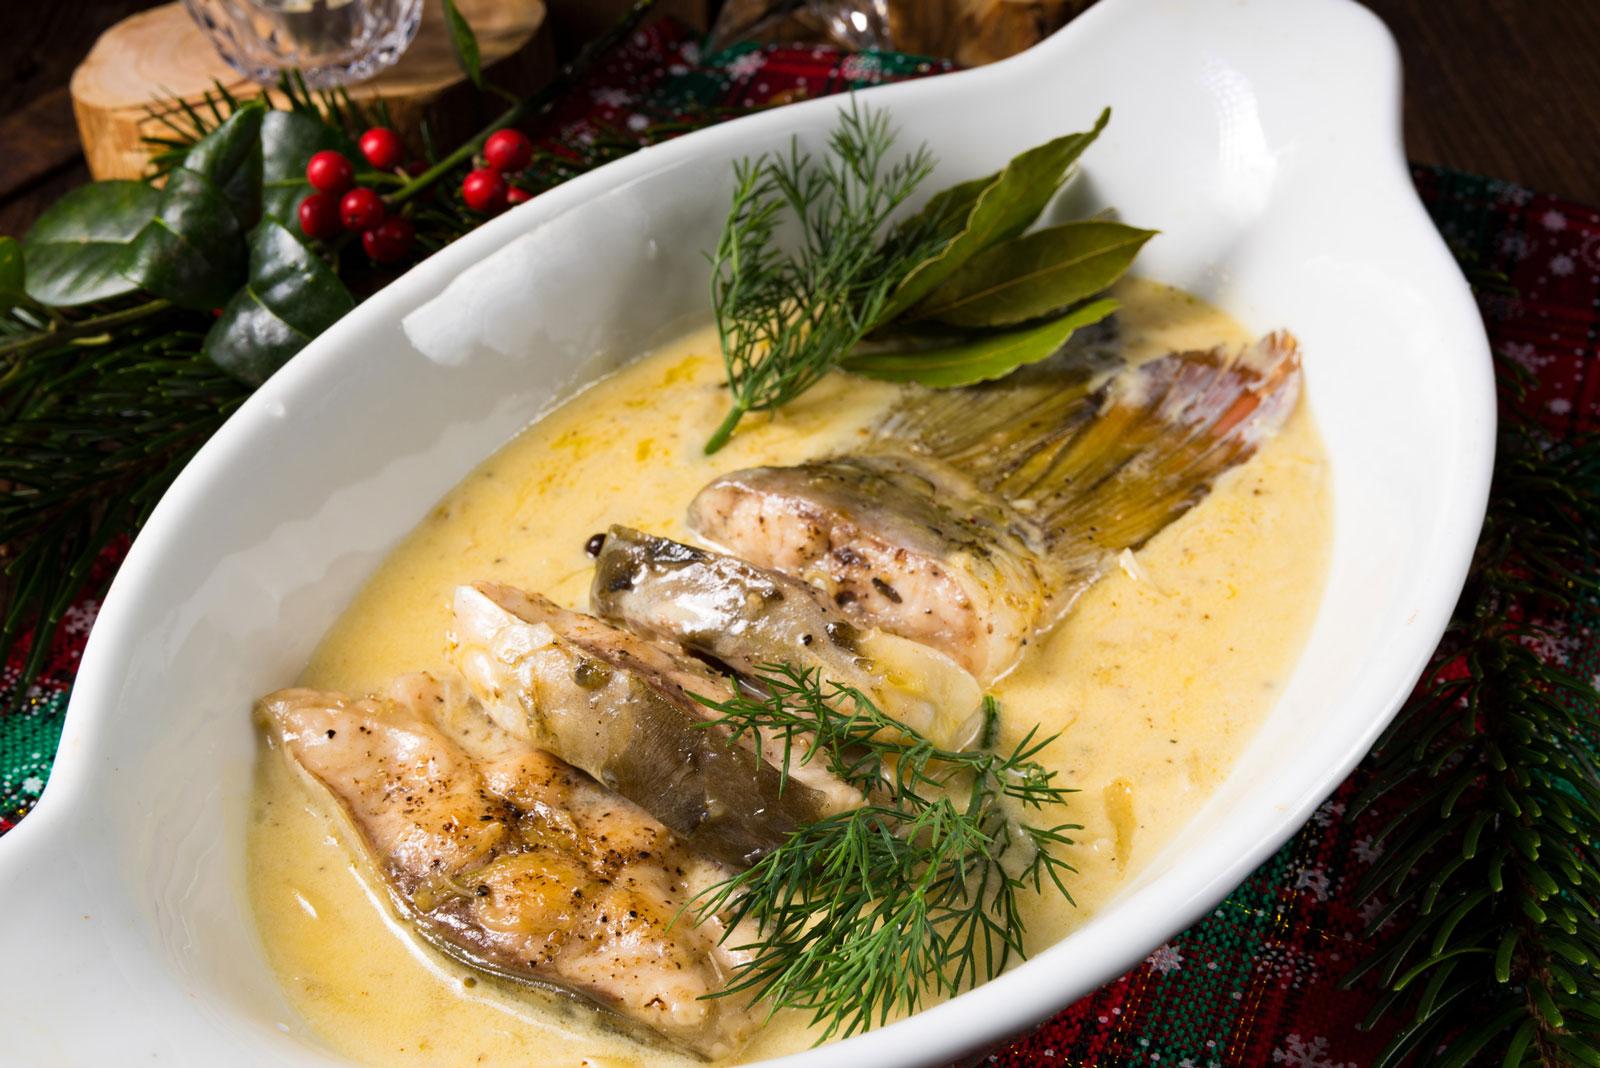 Variantenreich: Fisch gibt es bei dem einen mit Soße, bei dem anderen eingelegt oder geräuchert, im Ganzen oder als Häppchen.